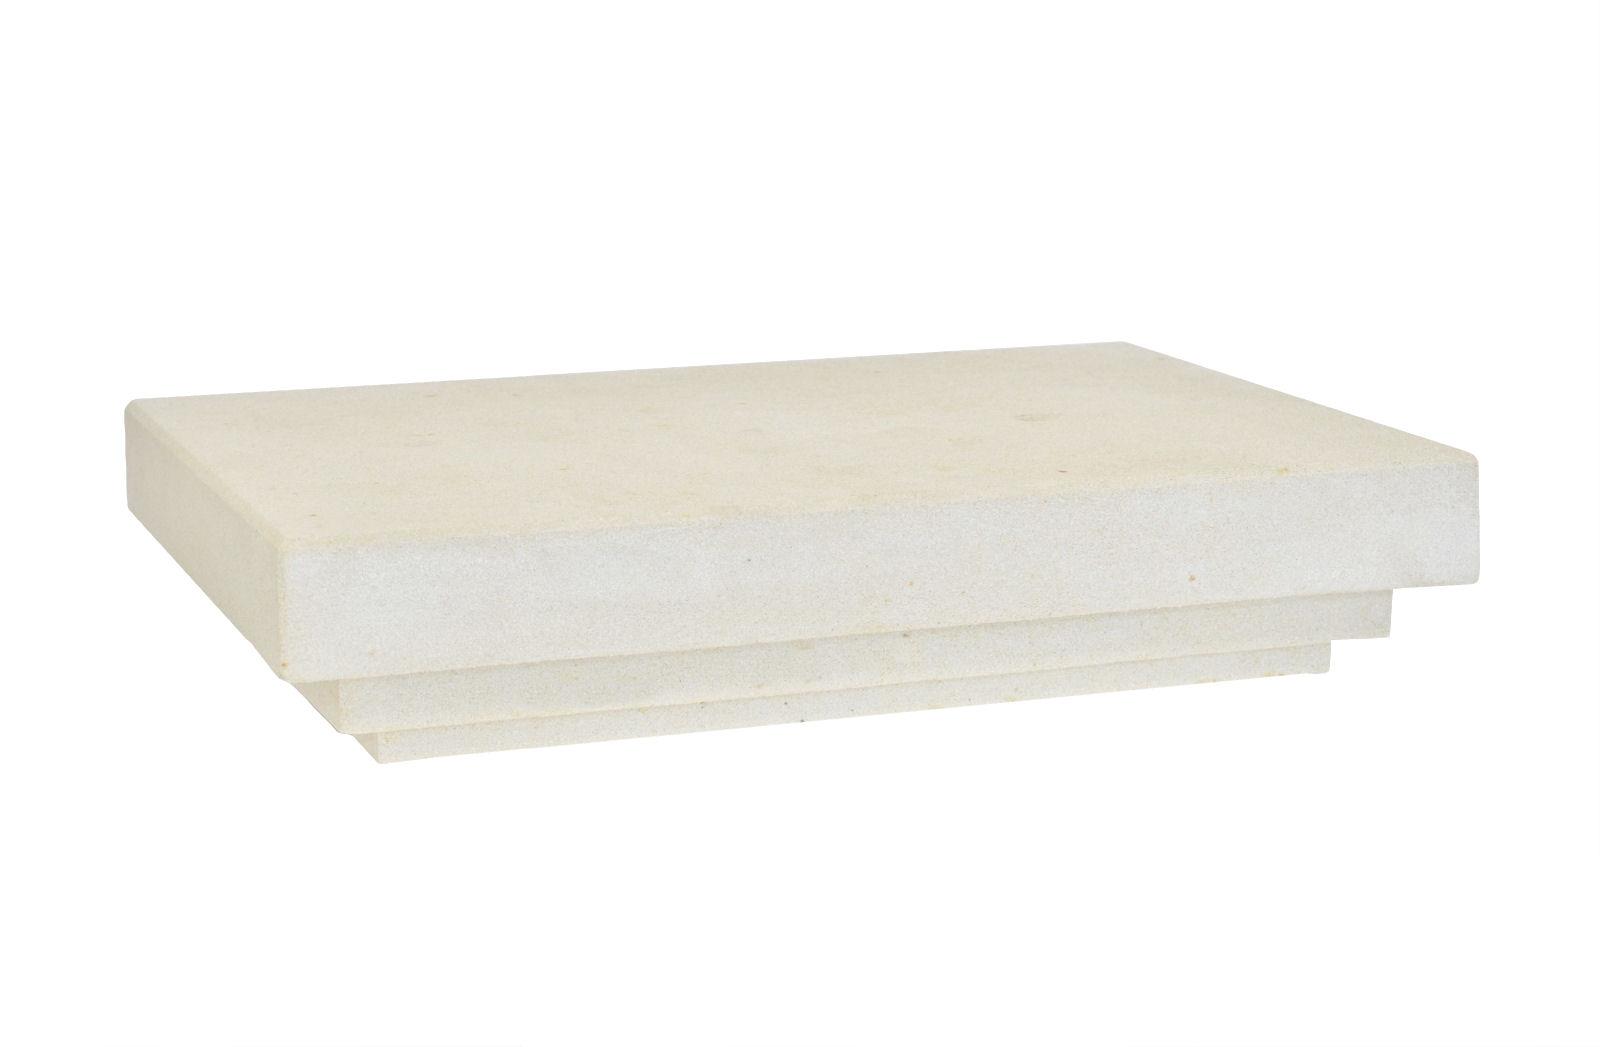 Fensterbank außen FBA1 100x25x6 cm Sandstein grau mit Profil und ...